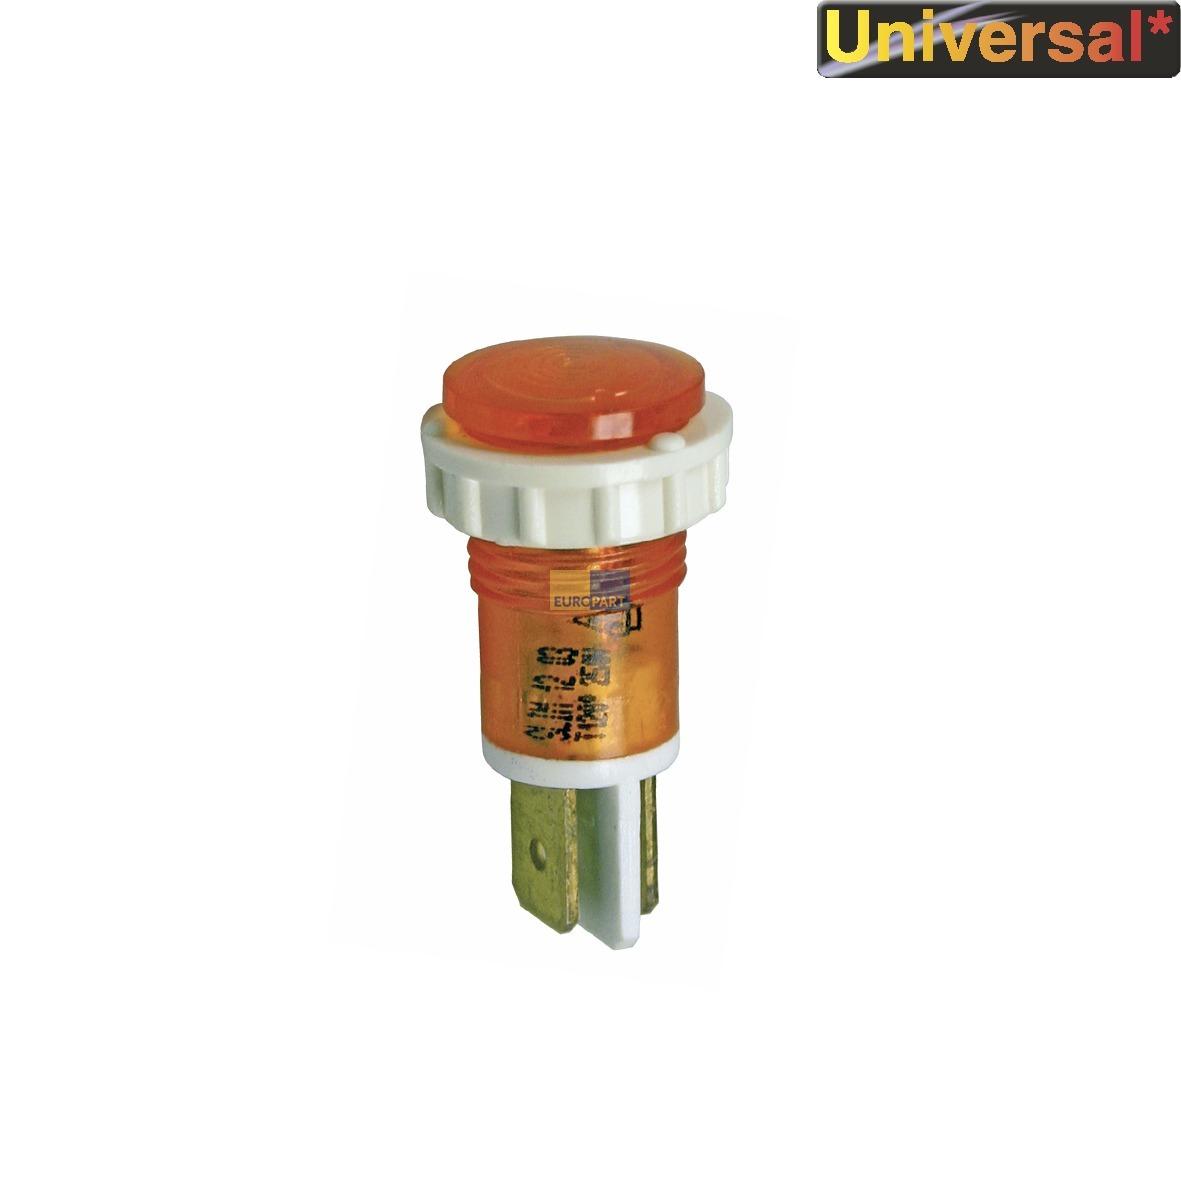 Kontrolllampe gelb rund 14mm Ø 1-polig 230 V - ABEA Hausgeräte ...